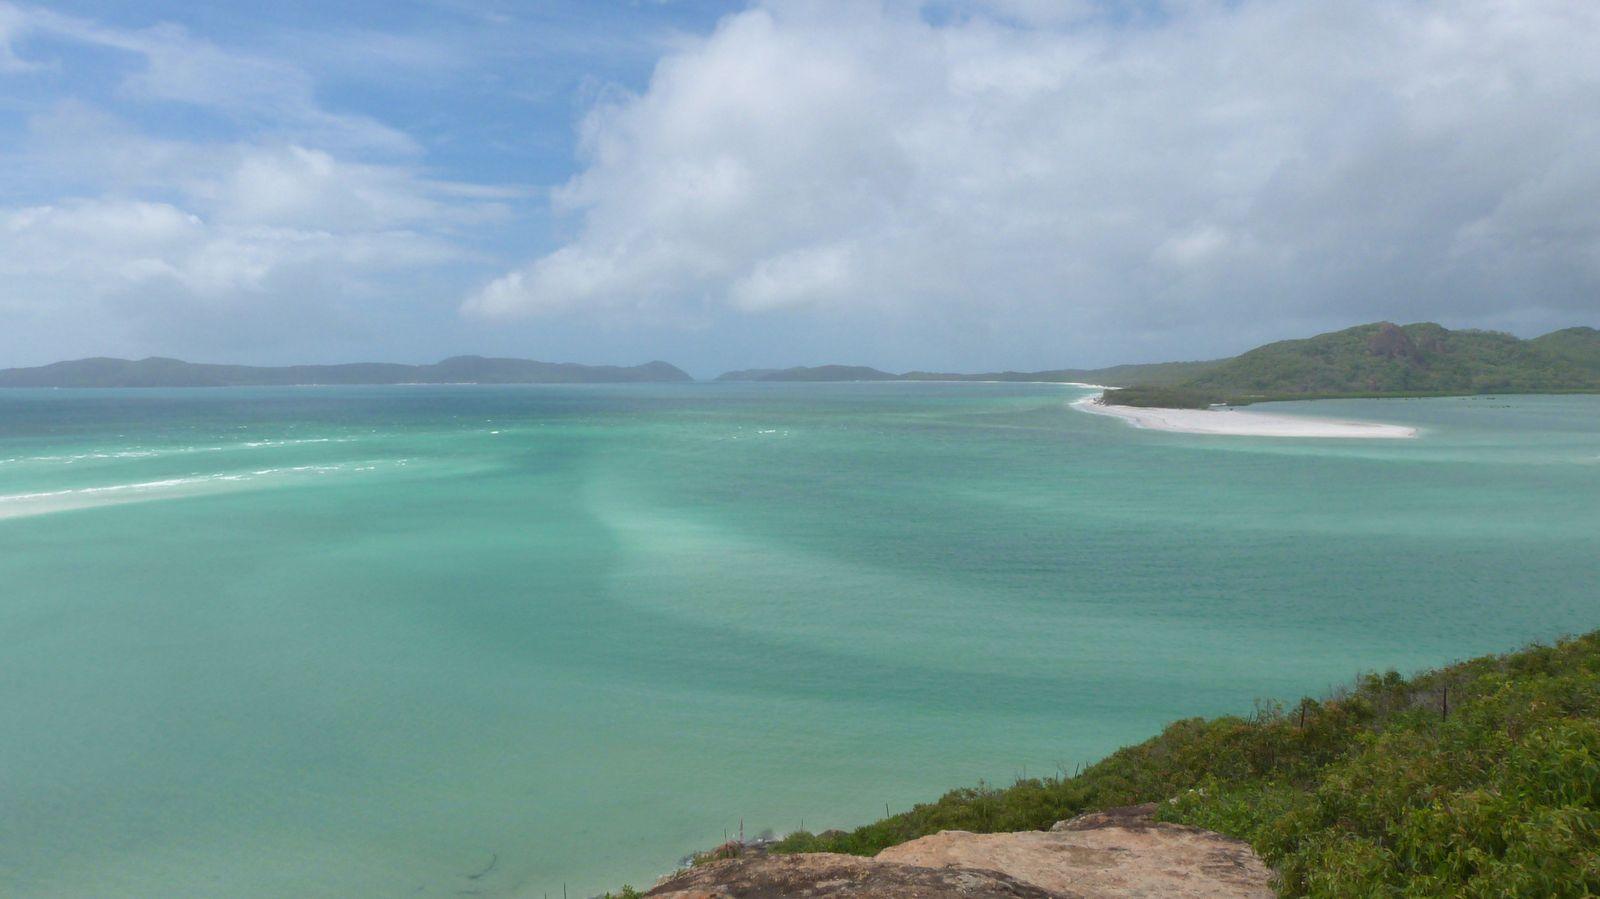 Souvenir d'un splendide voyage - Whitsunday Islands / Australie